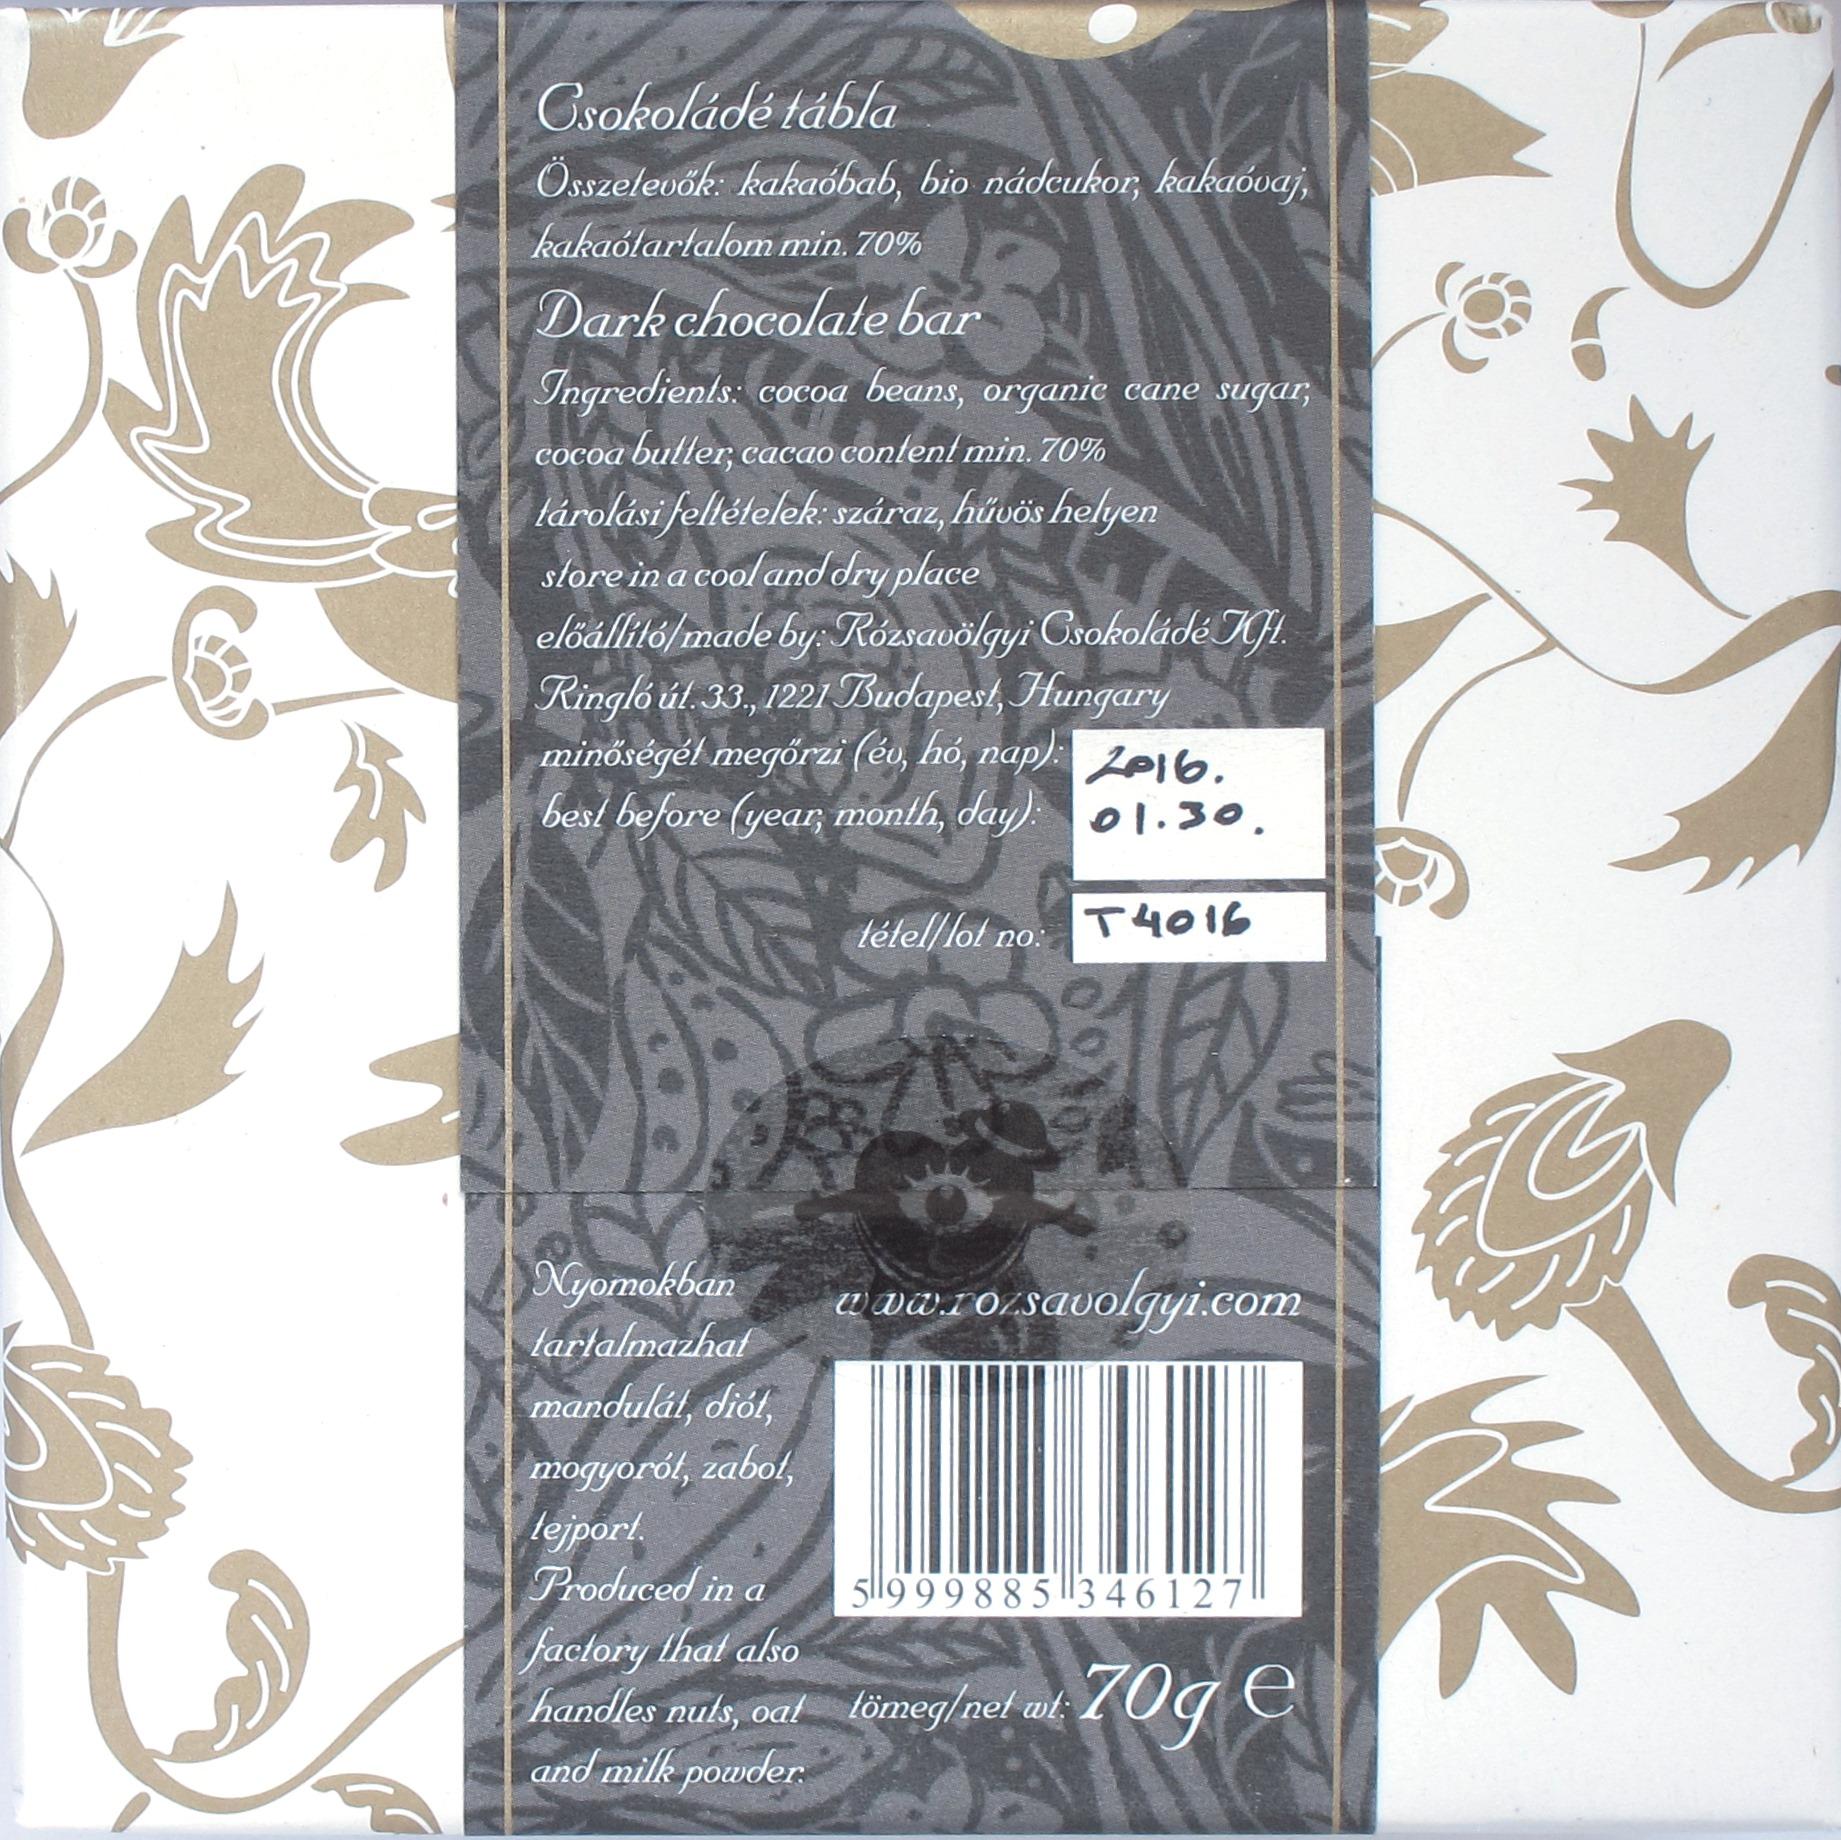 Rückseite: Rozsavolgyi Csokolade Trincheras 70%